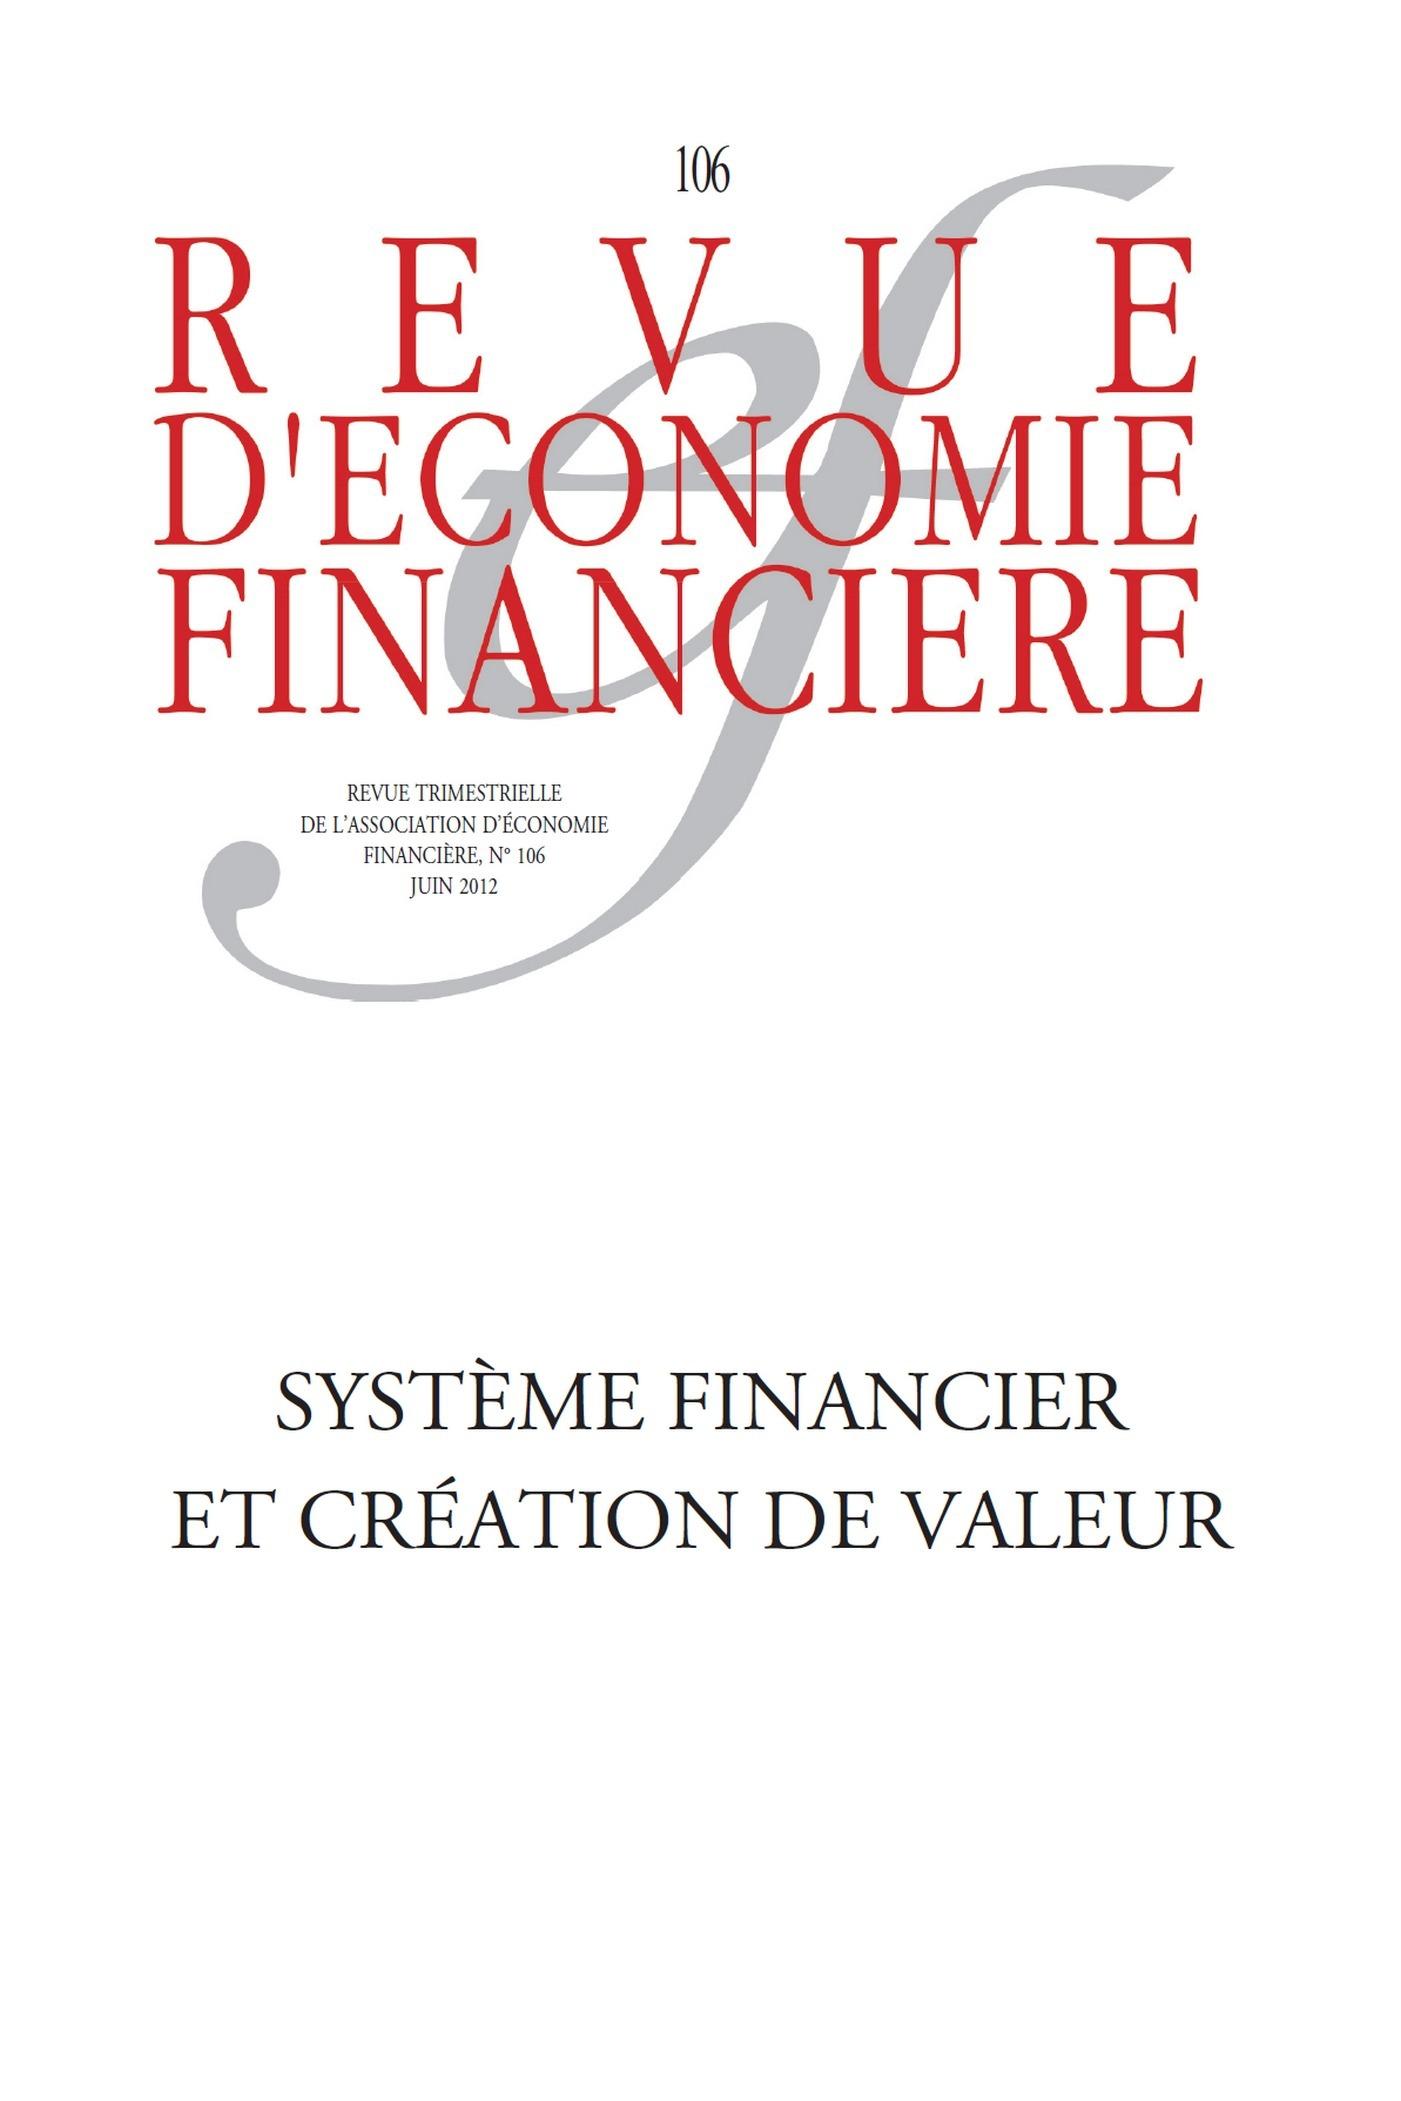 Revue D'Economie Financiere Système financier et création de valeur